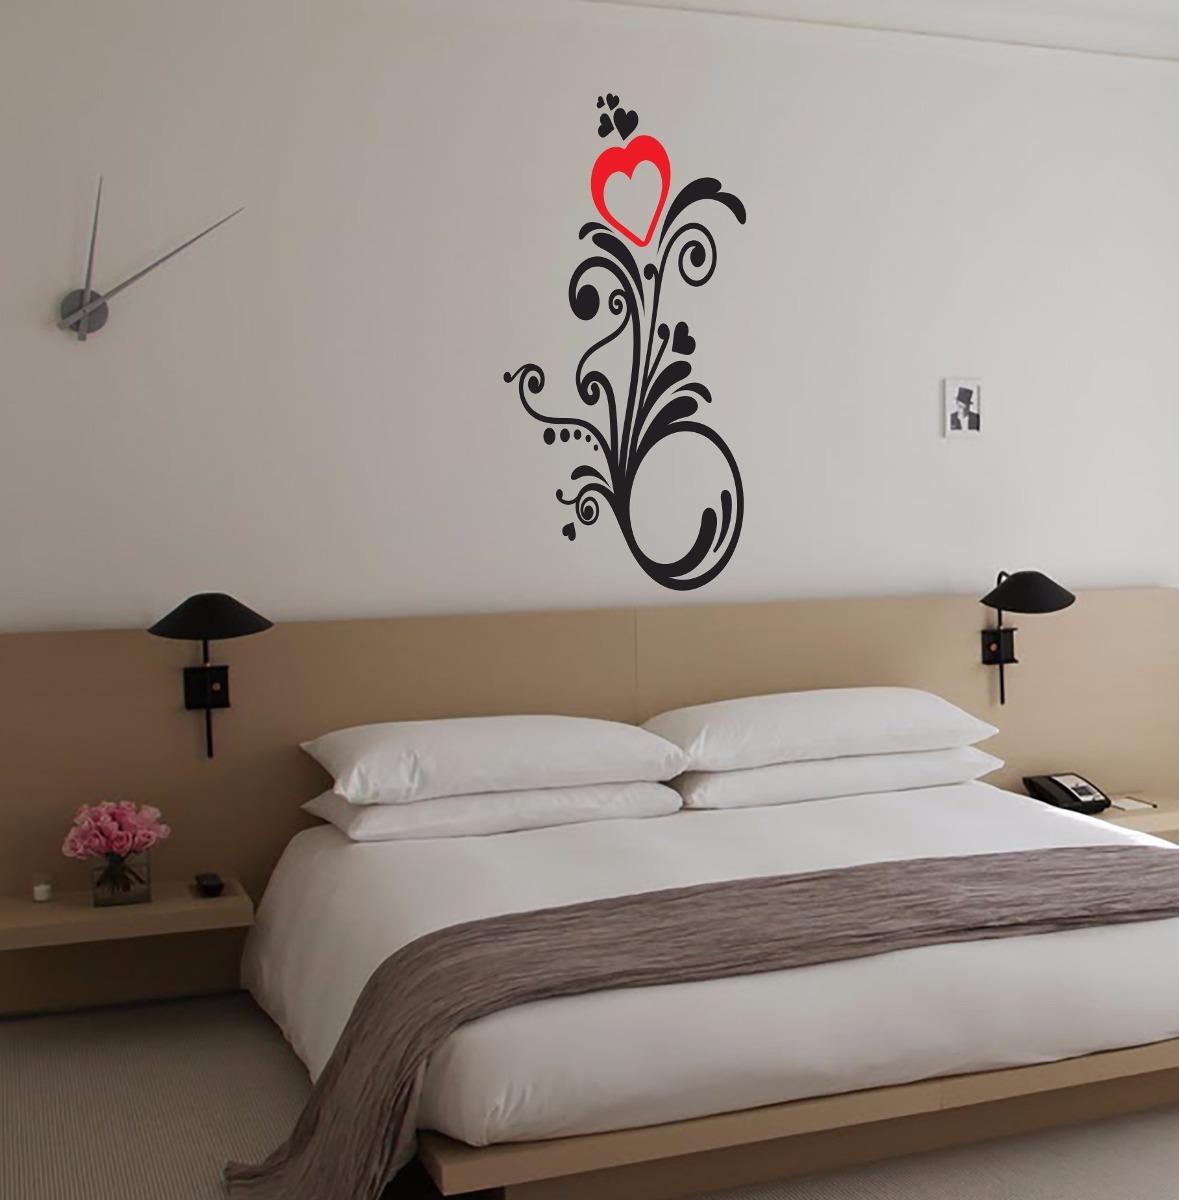 Vinilos decorativos habitacion matrimonio cama - Vinilos decorativos habitacion ...